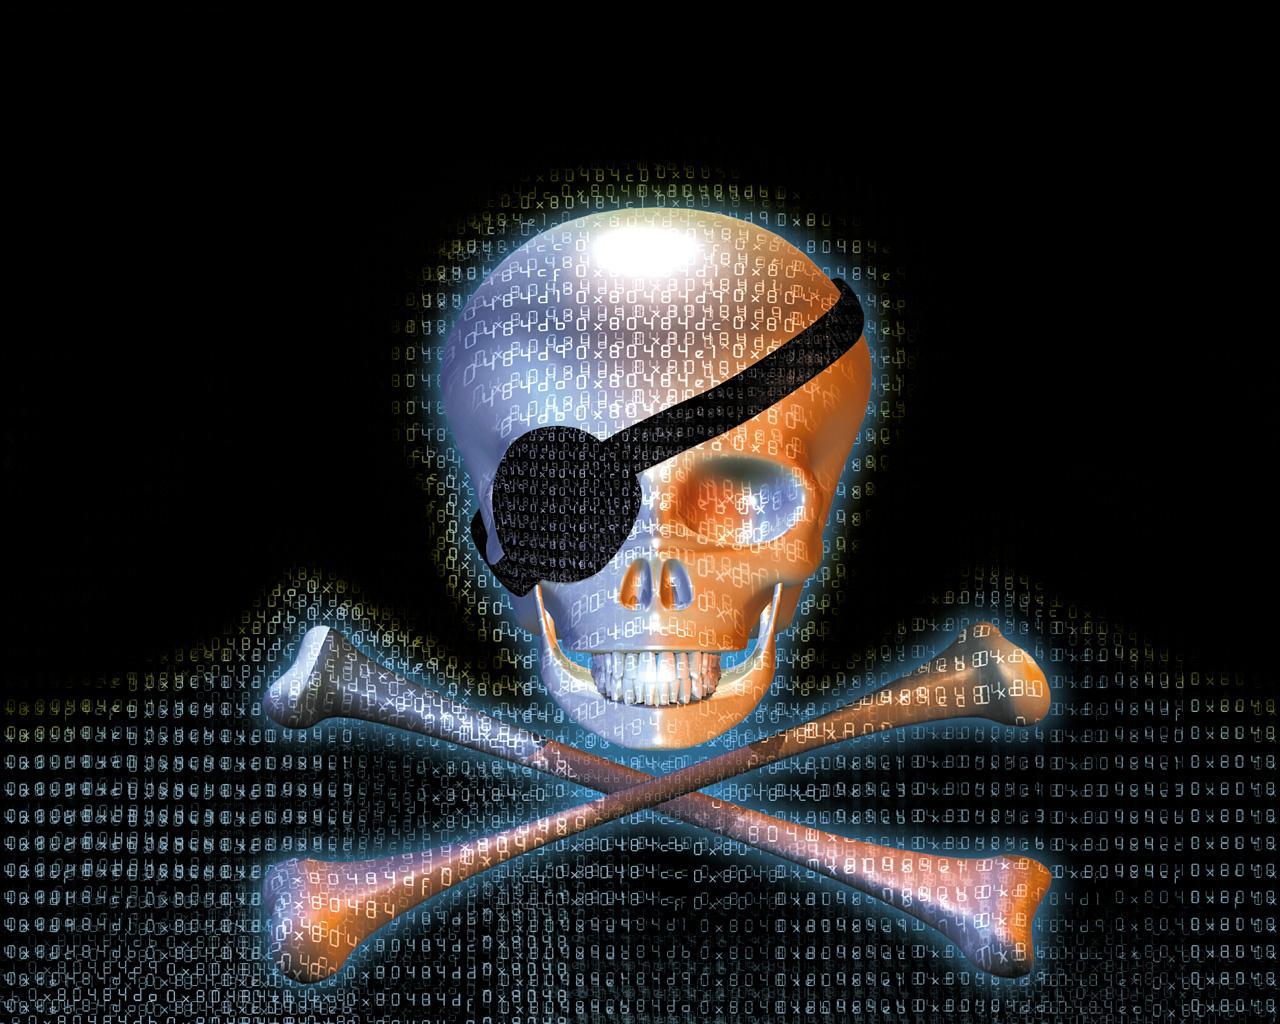 siti pirata